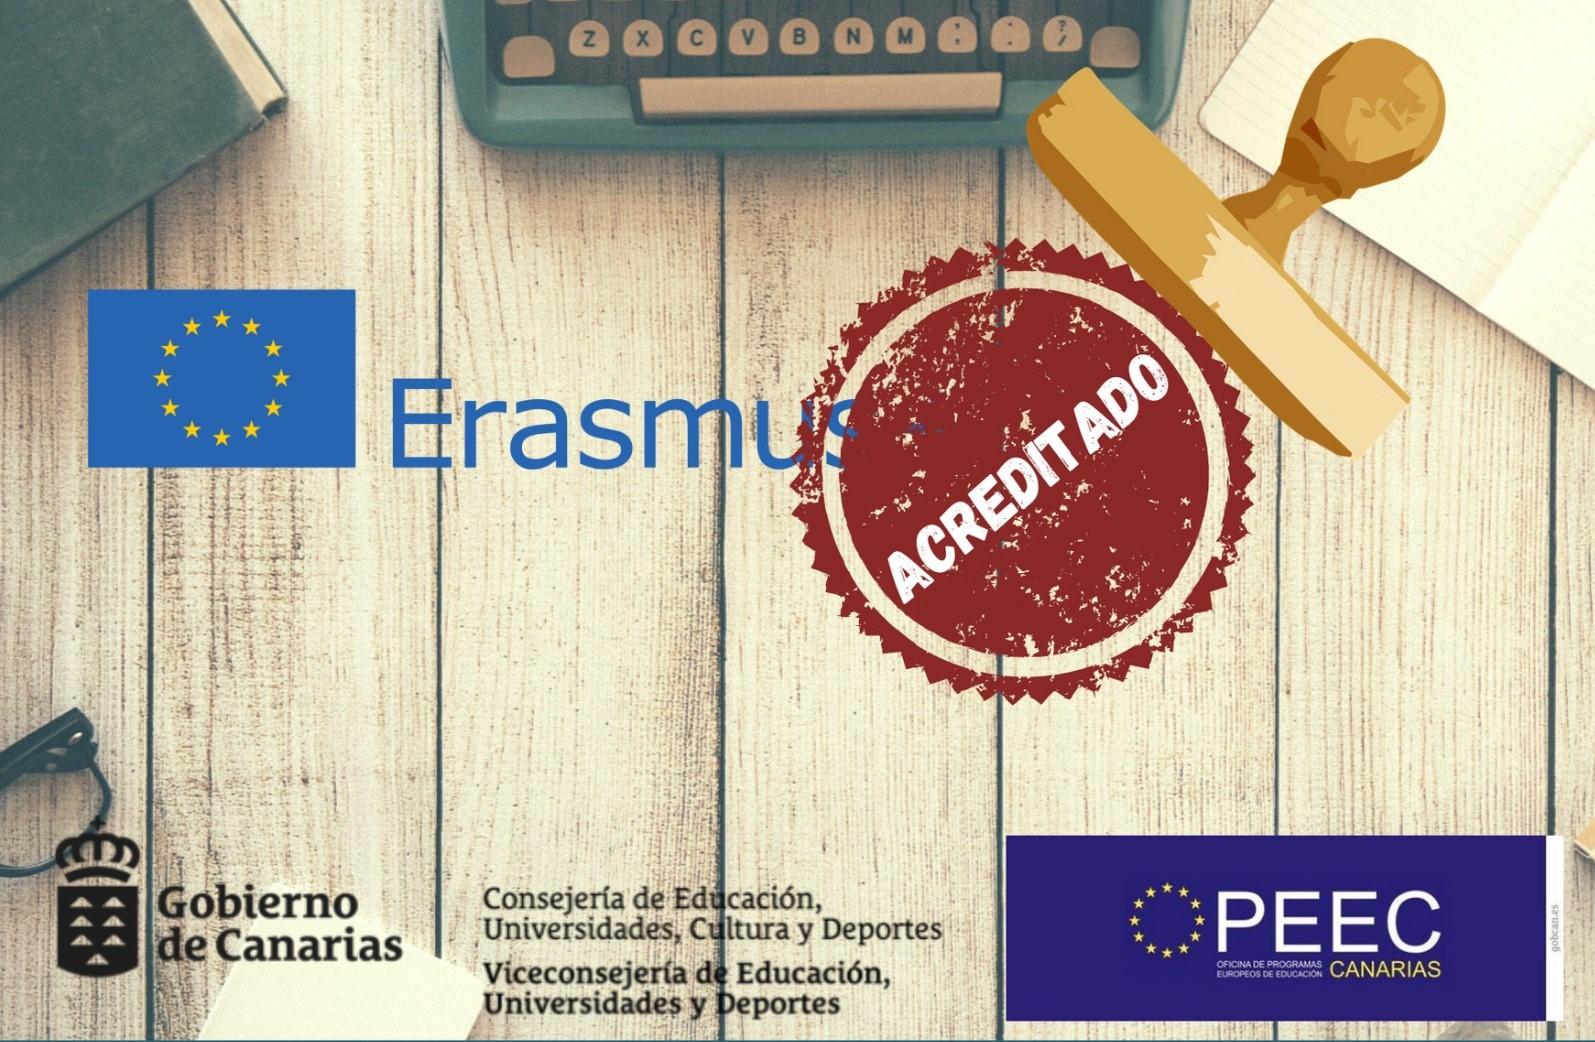 Canarias obtiene 56 acreditaciones para desarrollar el nuevo programa Erasmus+ 2021-27